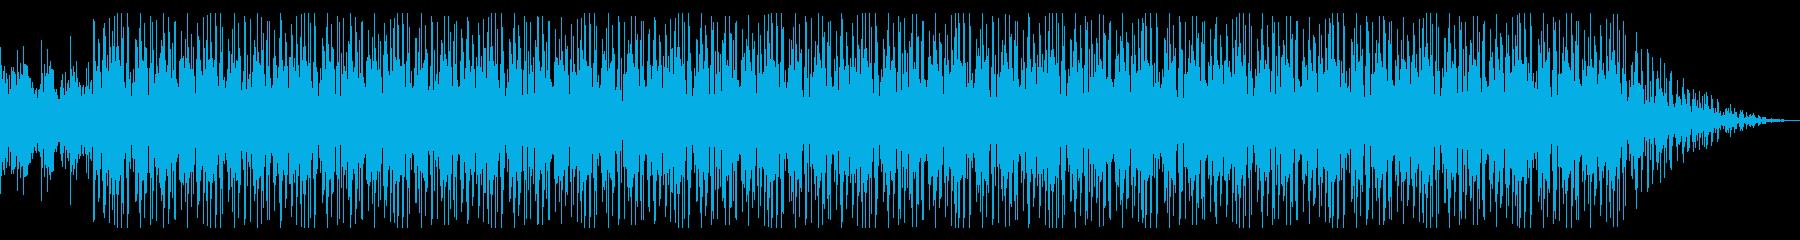 ピアノ主体でドリーミーな落ち着いた曲の再生済みの波形